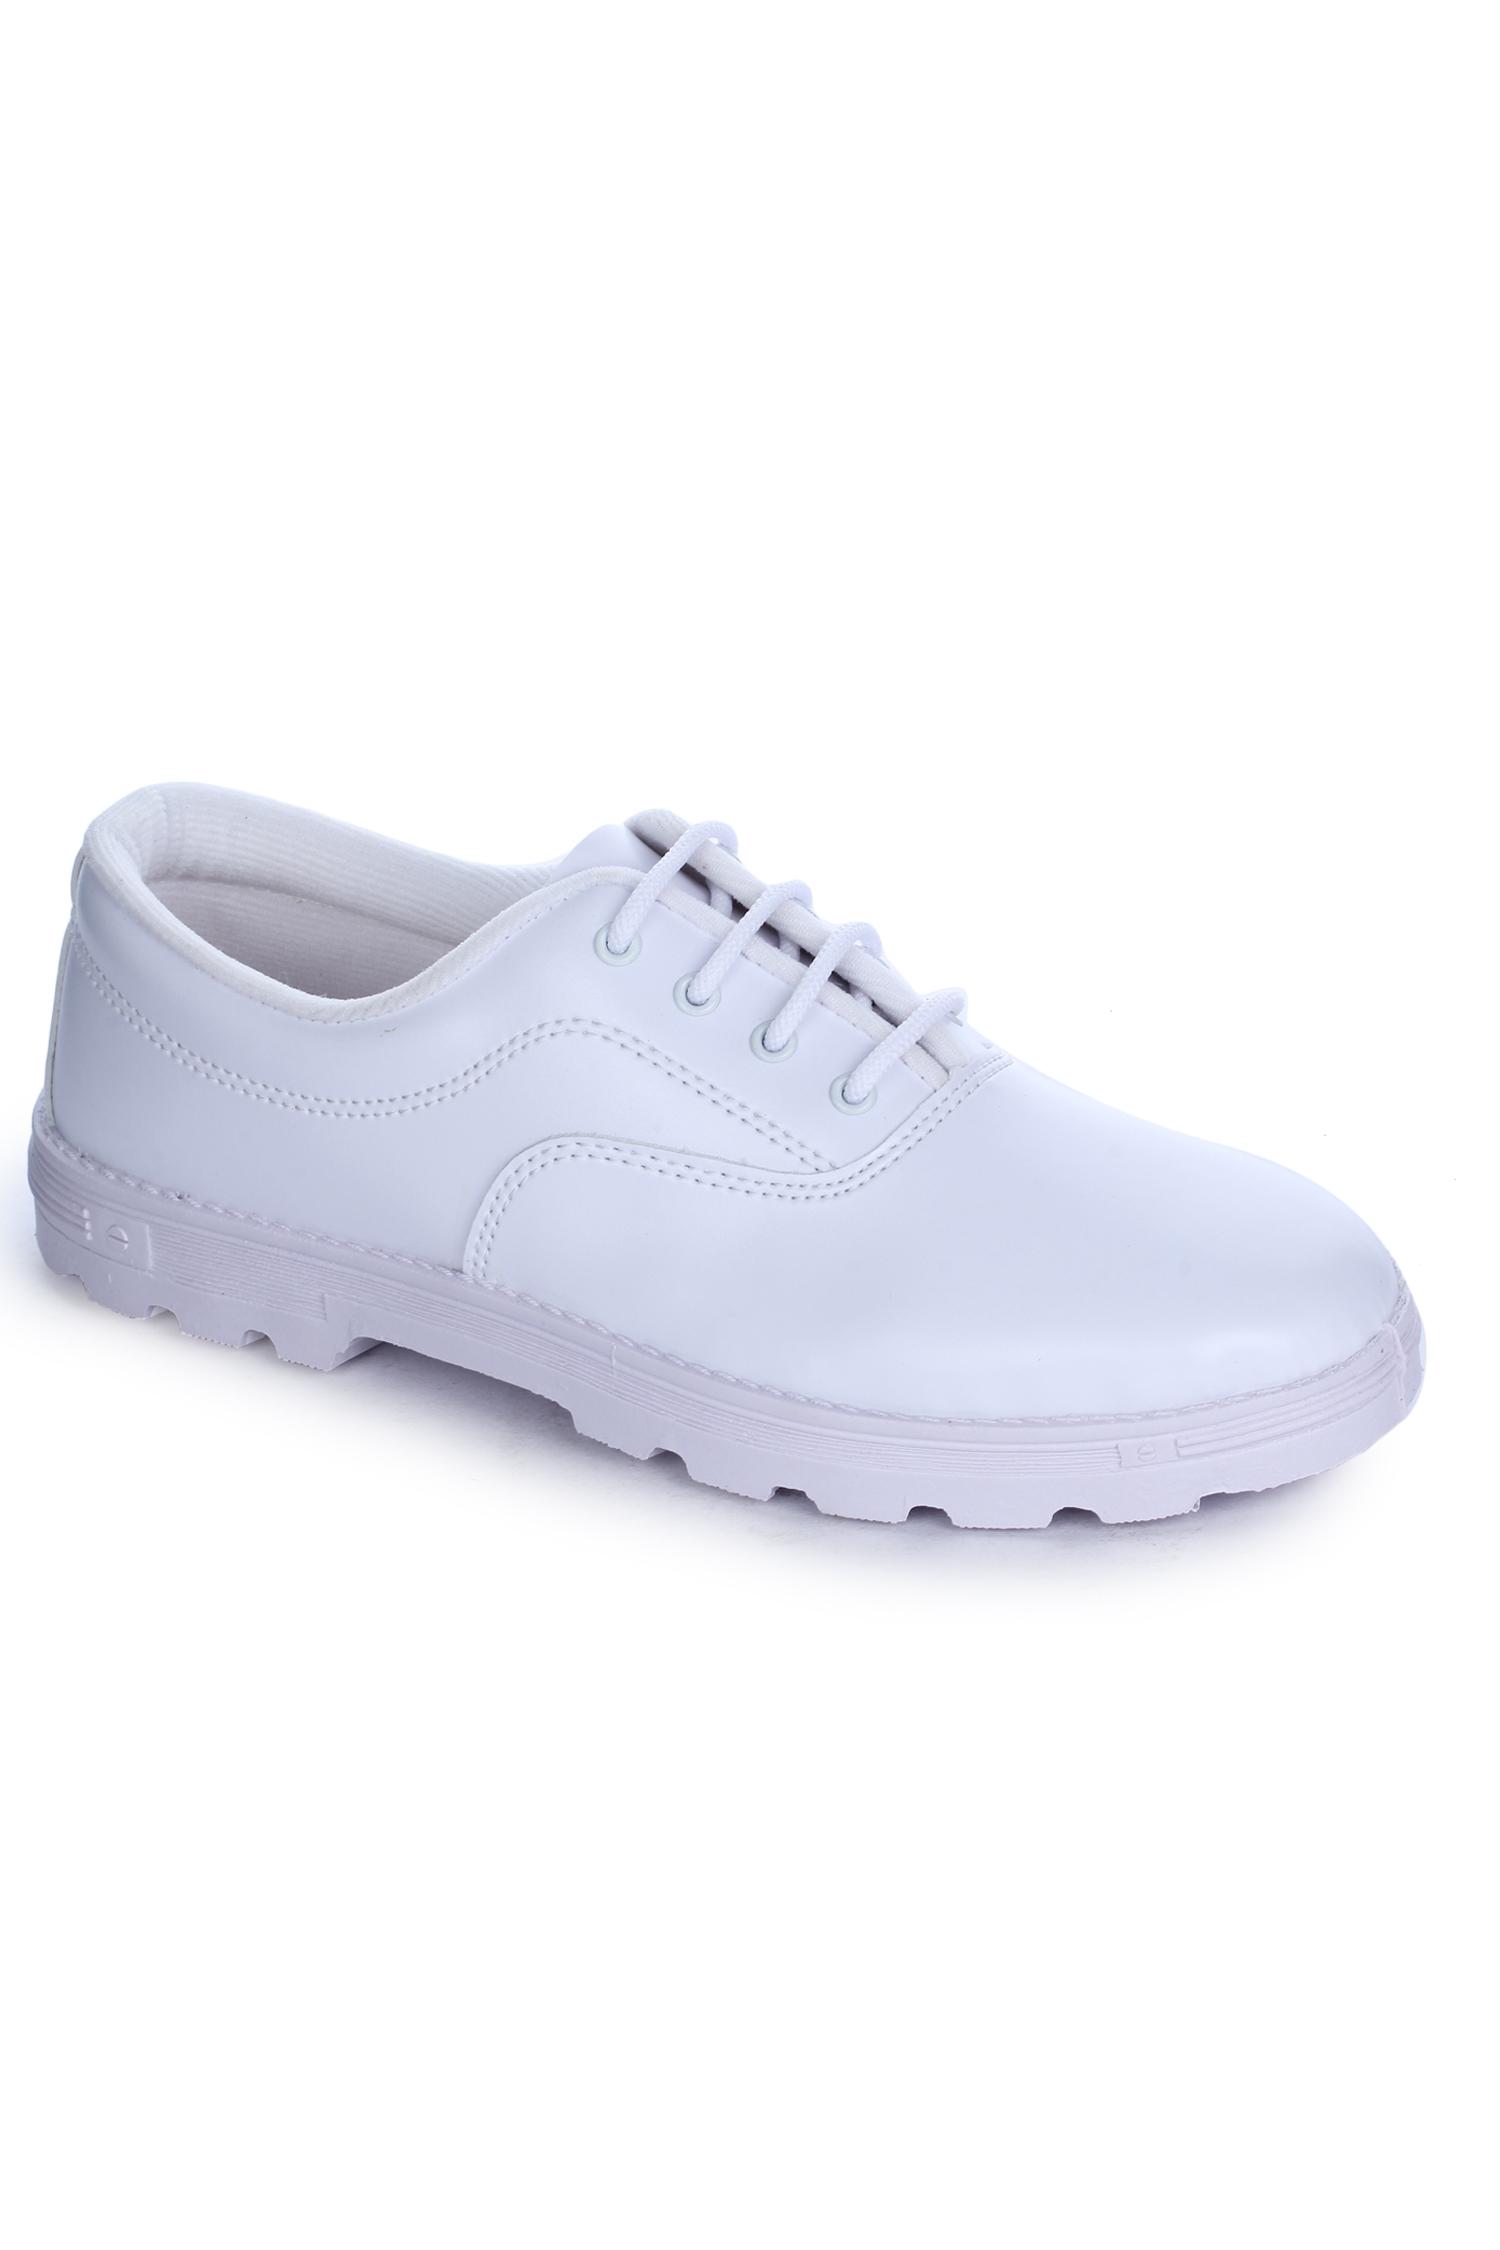 Liberty   Liberty Prefect White School Shoes S BOY A_White For - Men